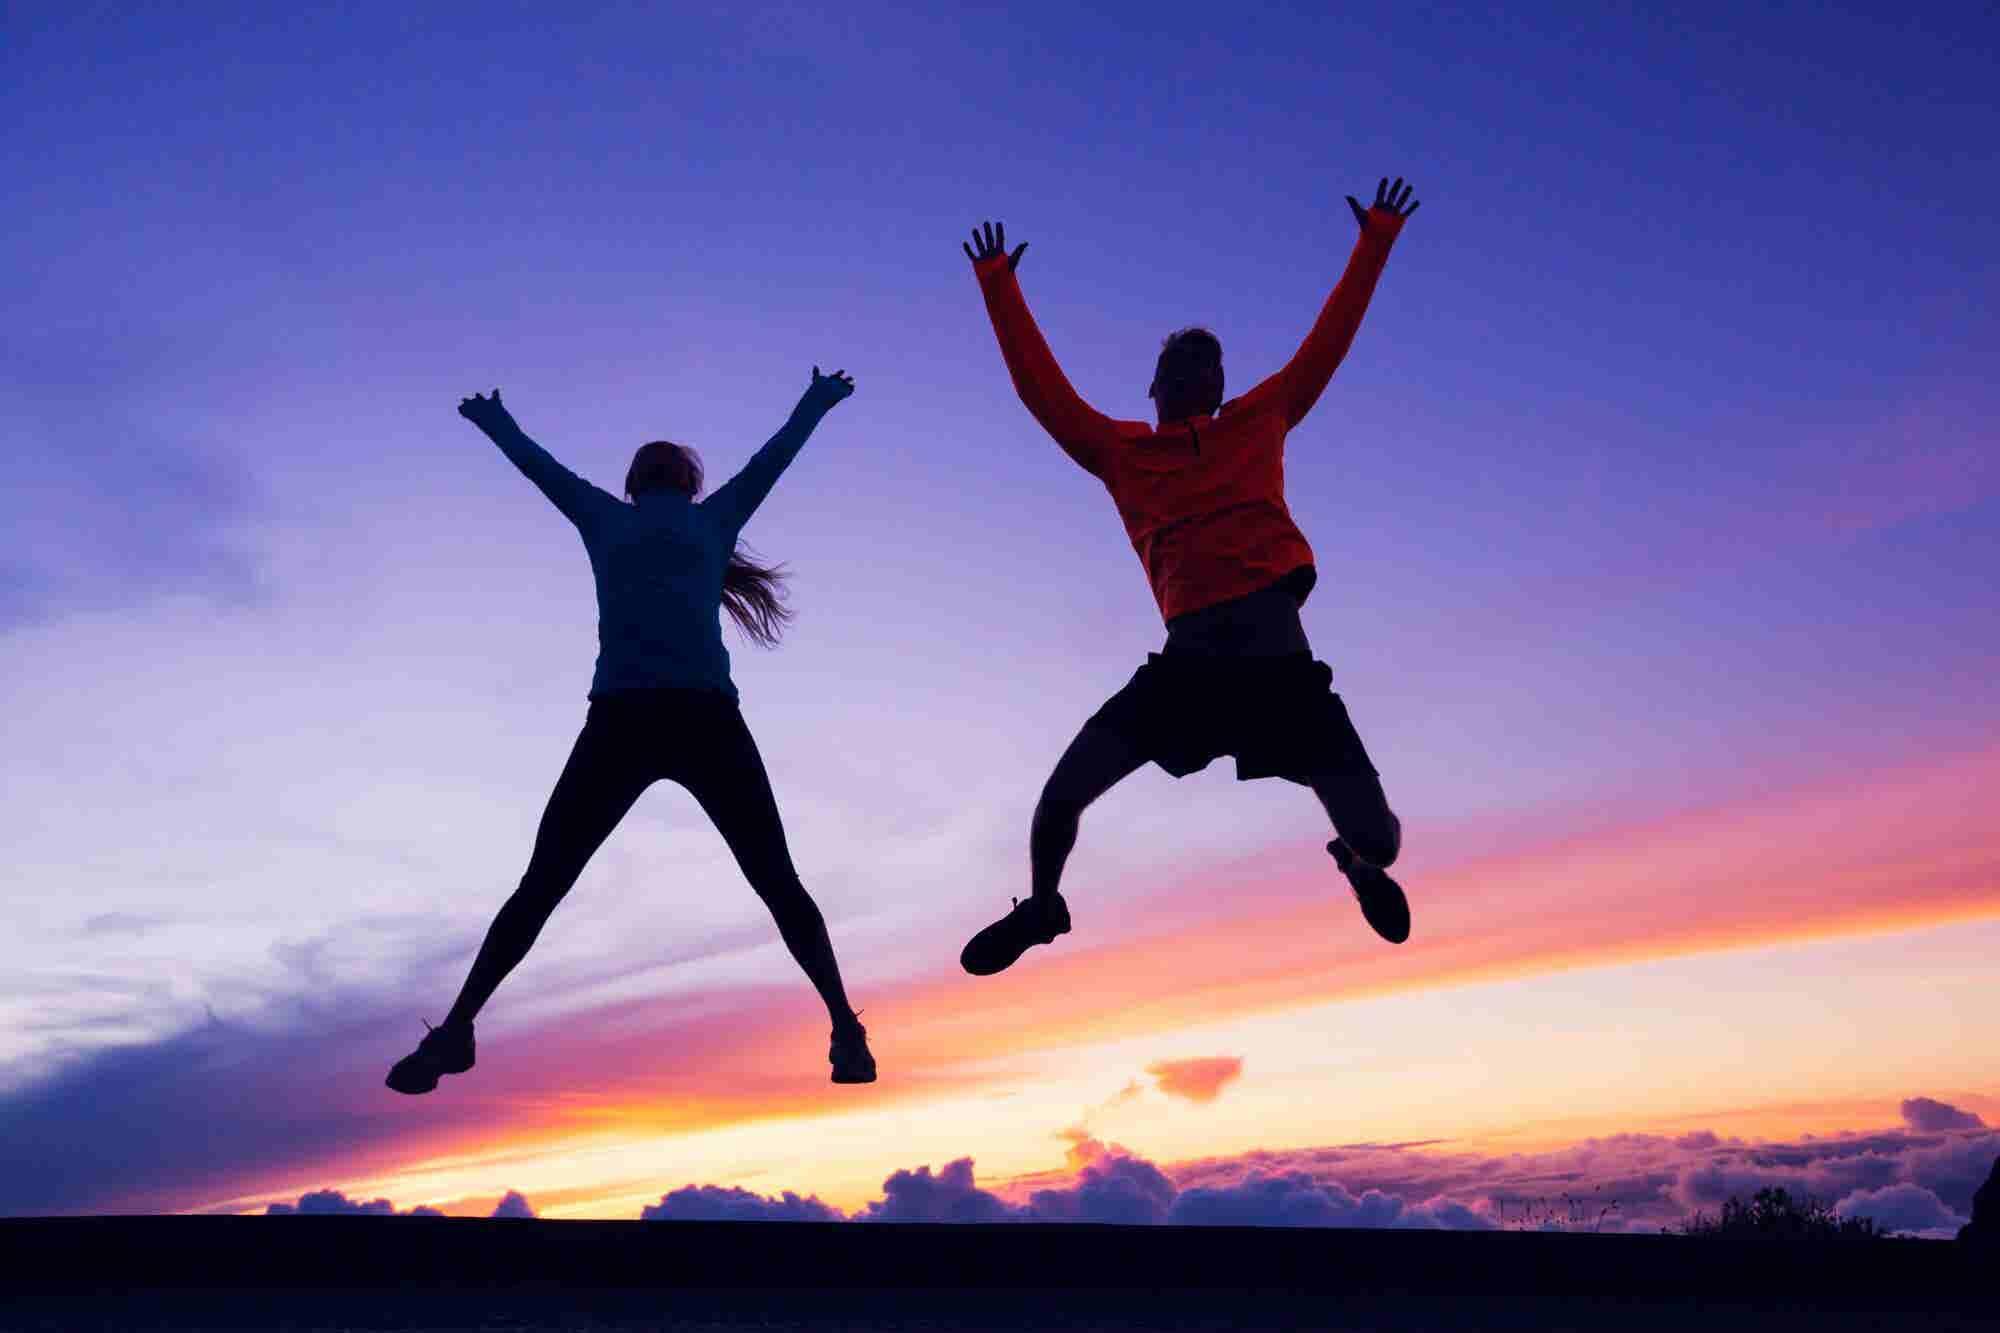 Estos son los principios que debes seguir para tener una mejor vida, según Ray Dalio